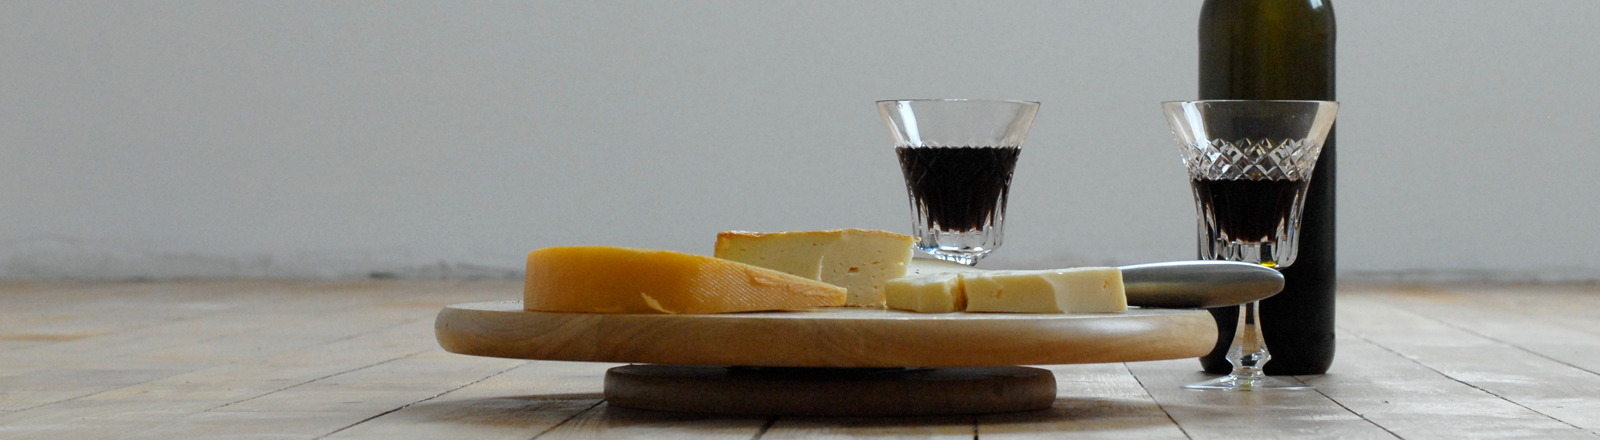 Rotweinflasche, Rotweingläser und Käse stehen auf einem Holzboden.